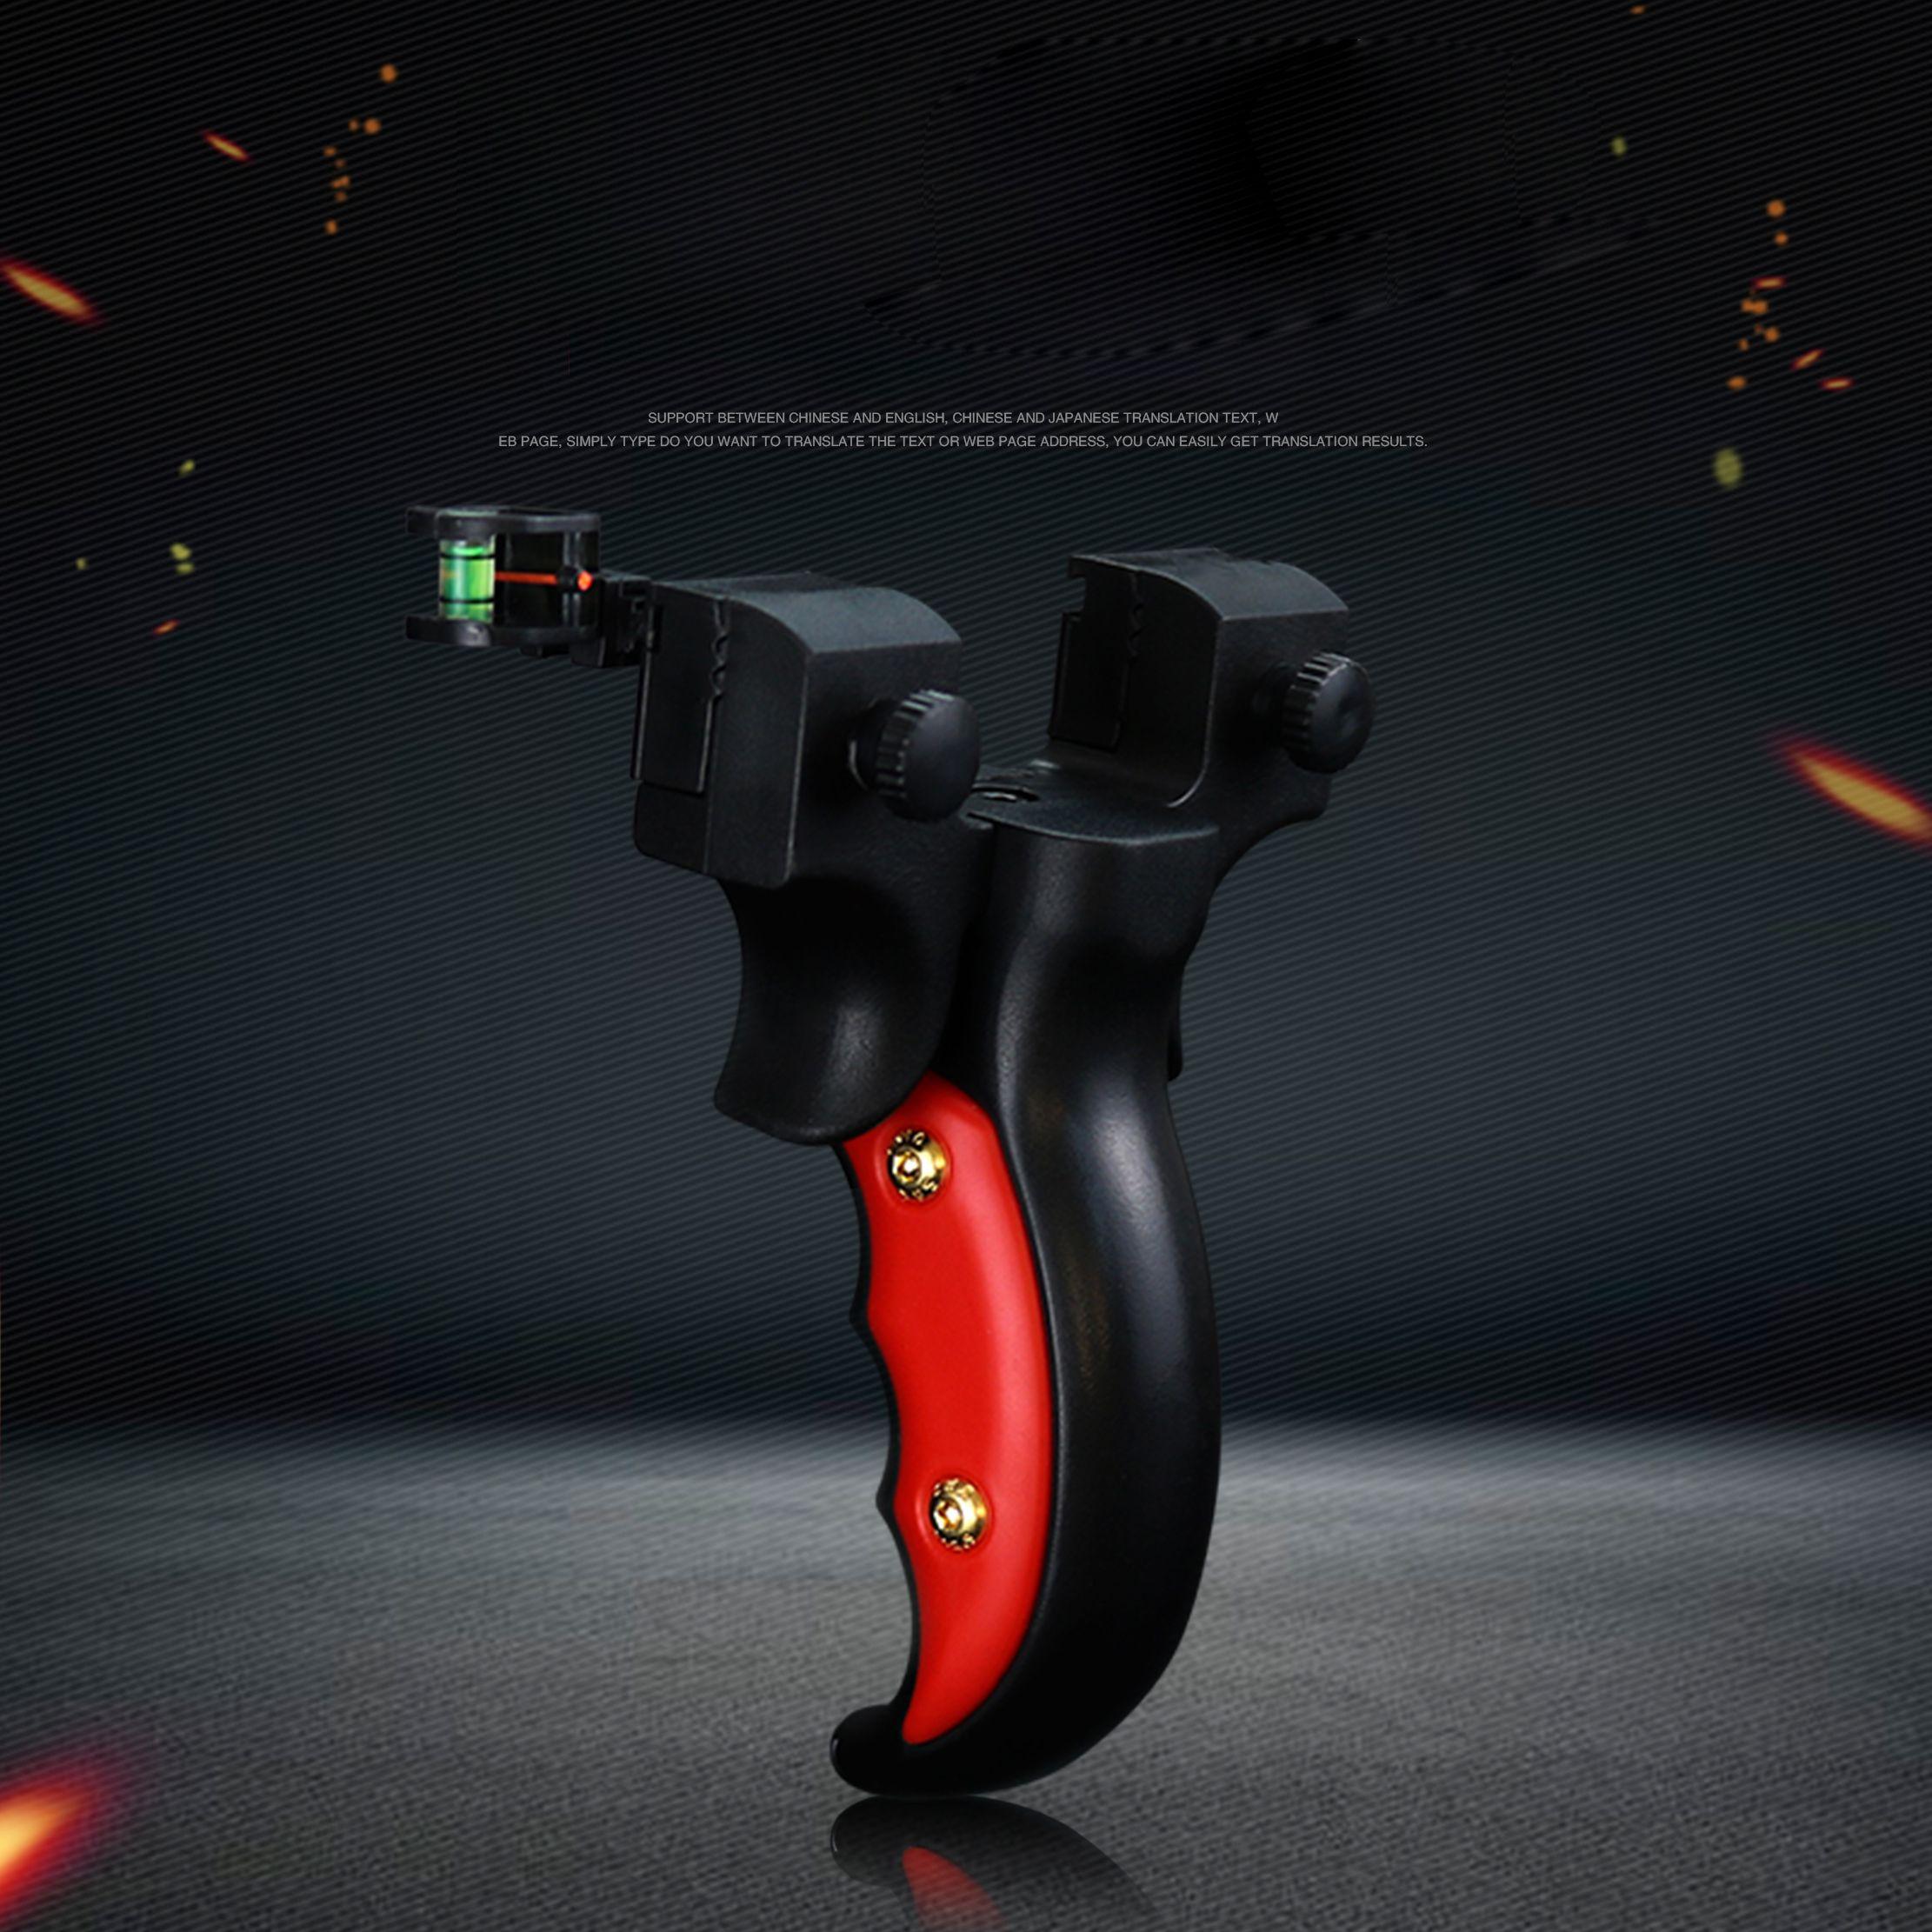 사냥 새총 양궁 투석기 수지 야외 슬링 샷 레벨 미터가 시력 평면 고무 밴드 포인트를 목표로 폴리 탄소를 ABS